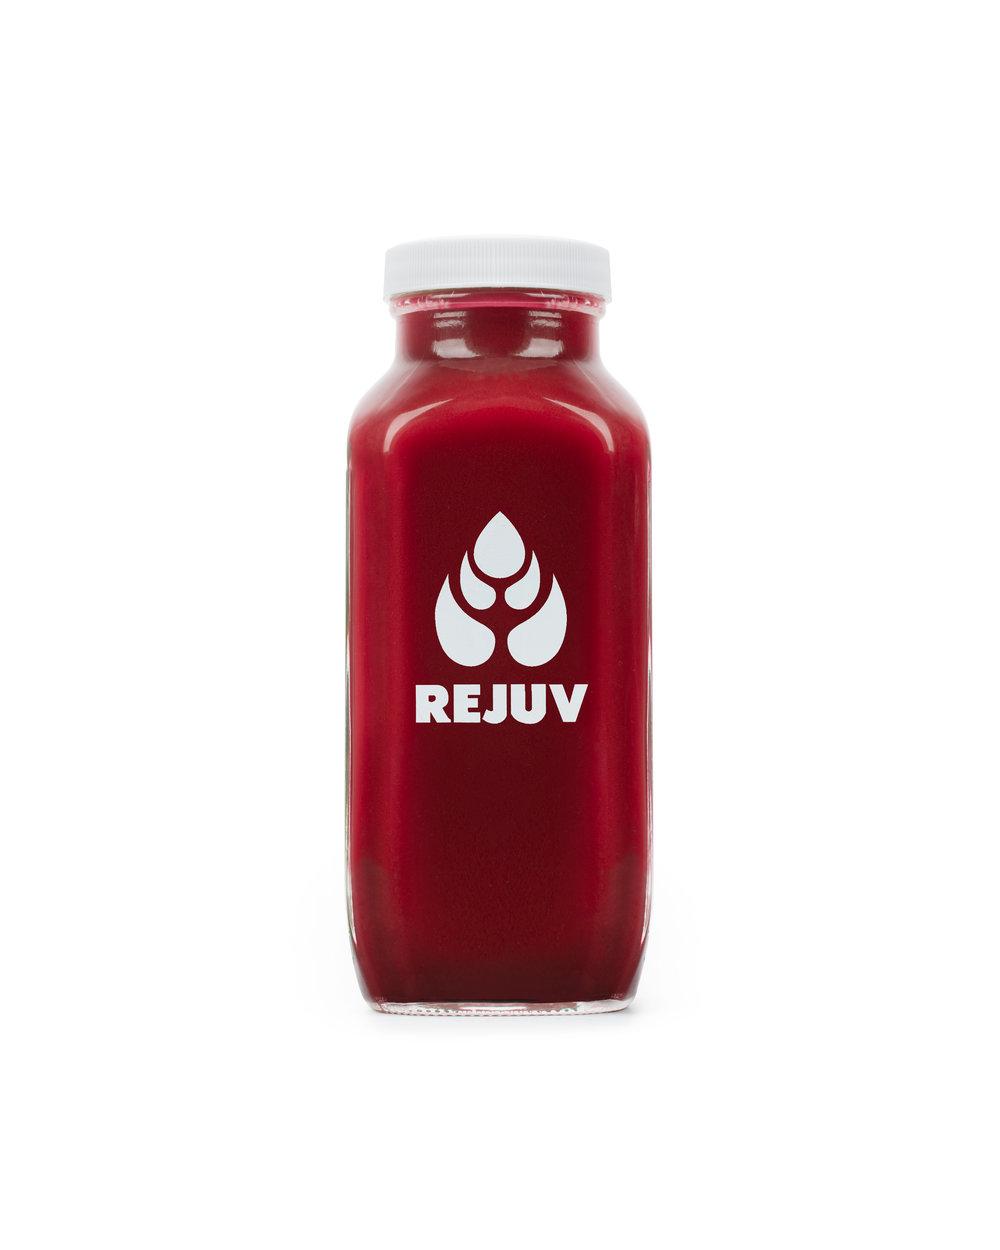 REJUV-RED.jpg